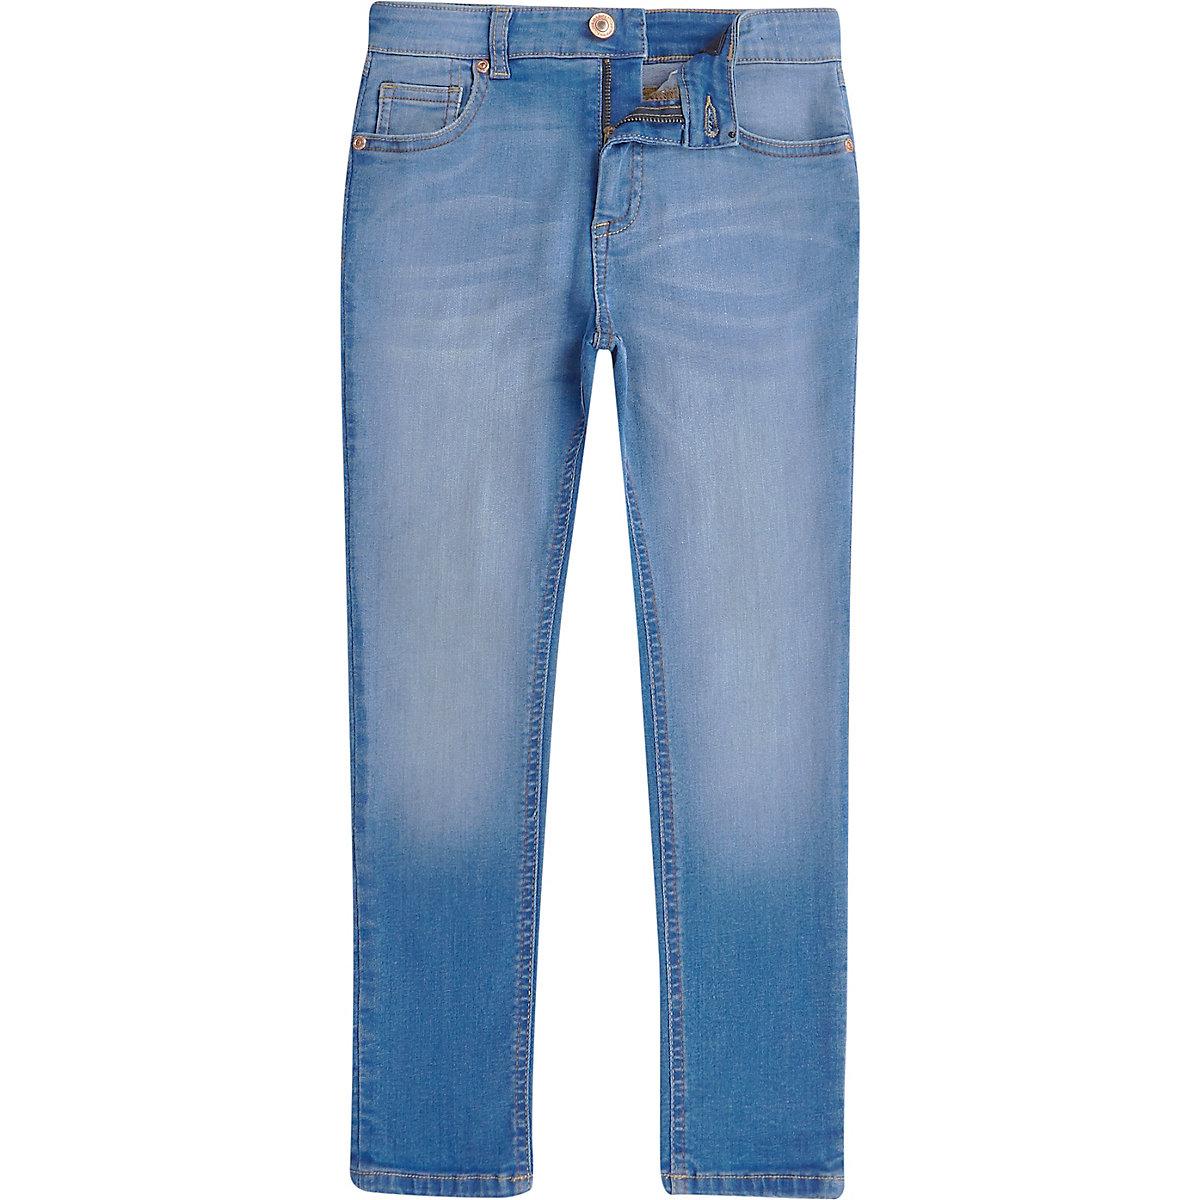 Sid – Ausgebleichte Skinny Jeans in Blau